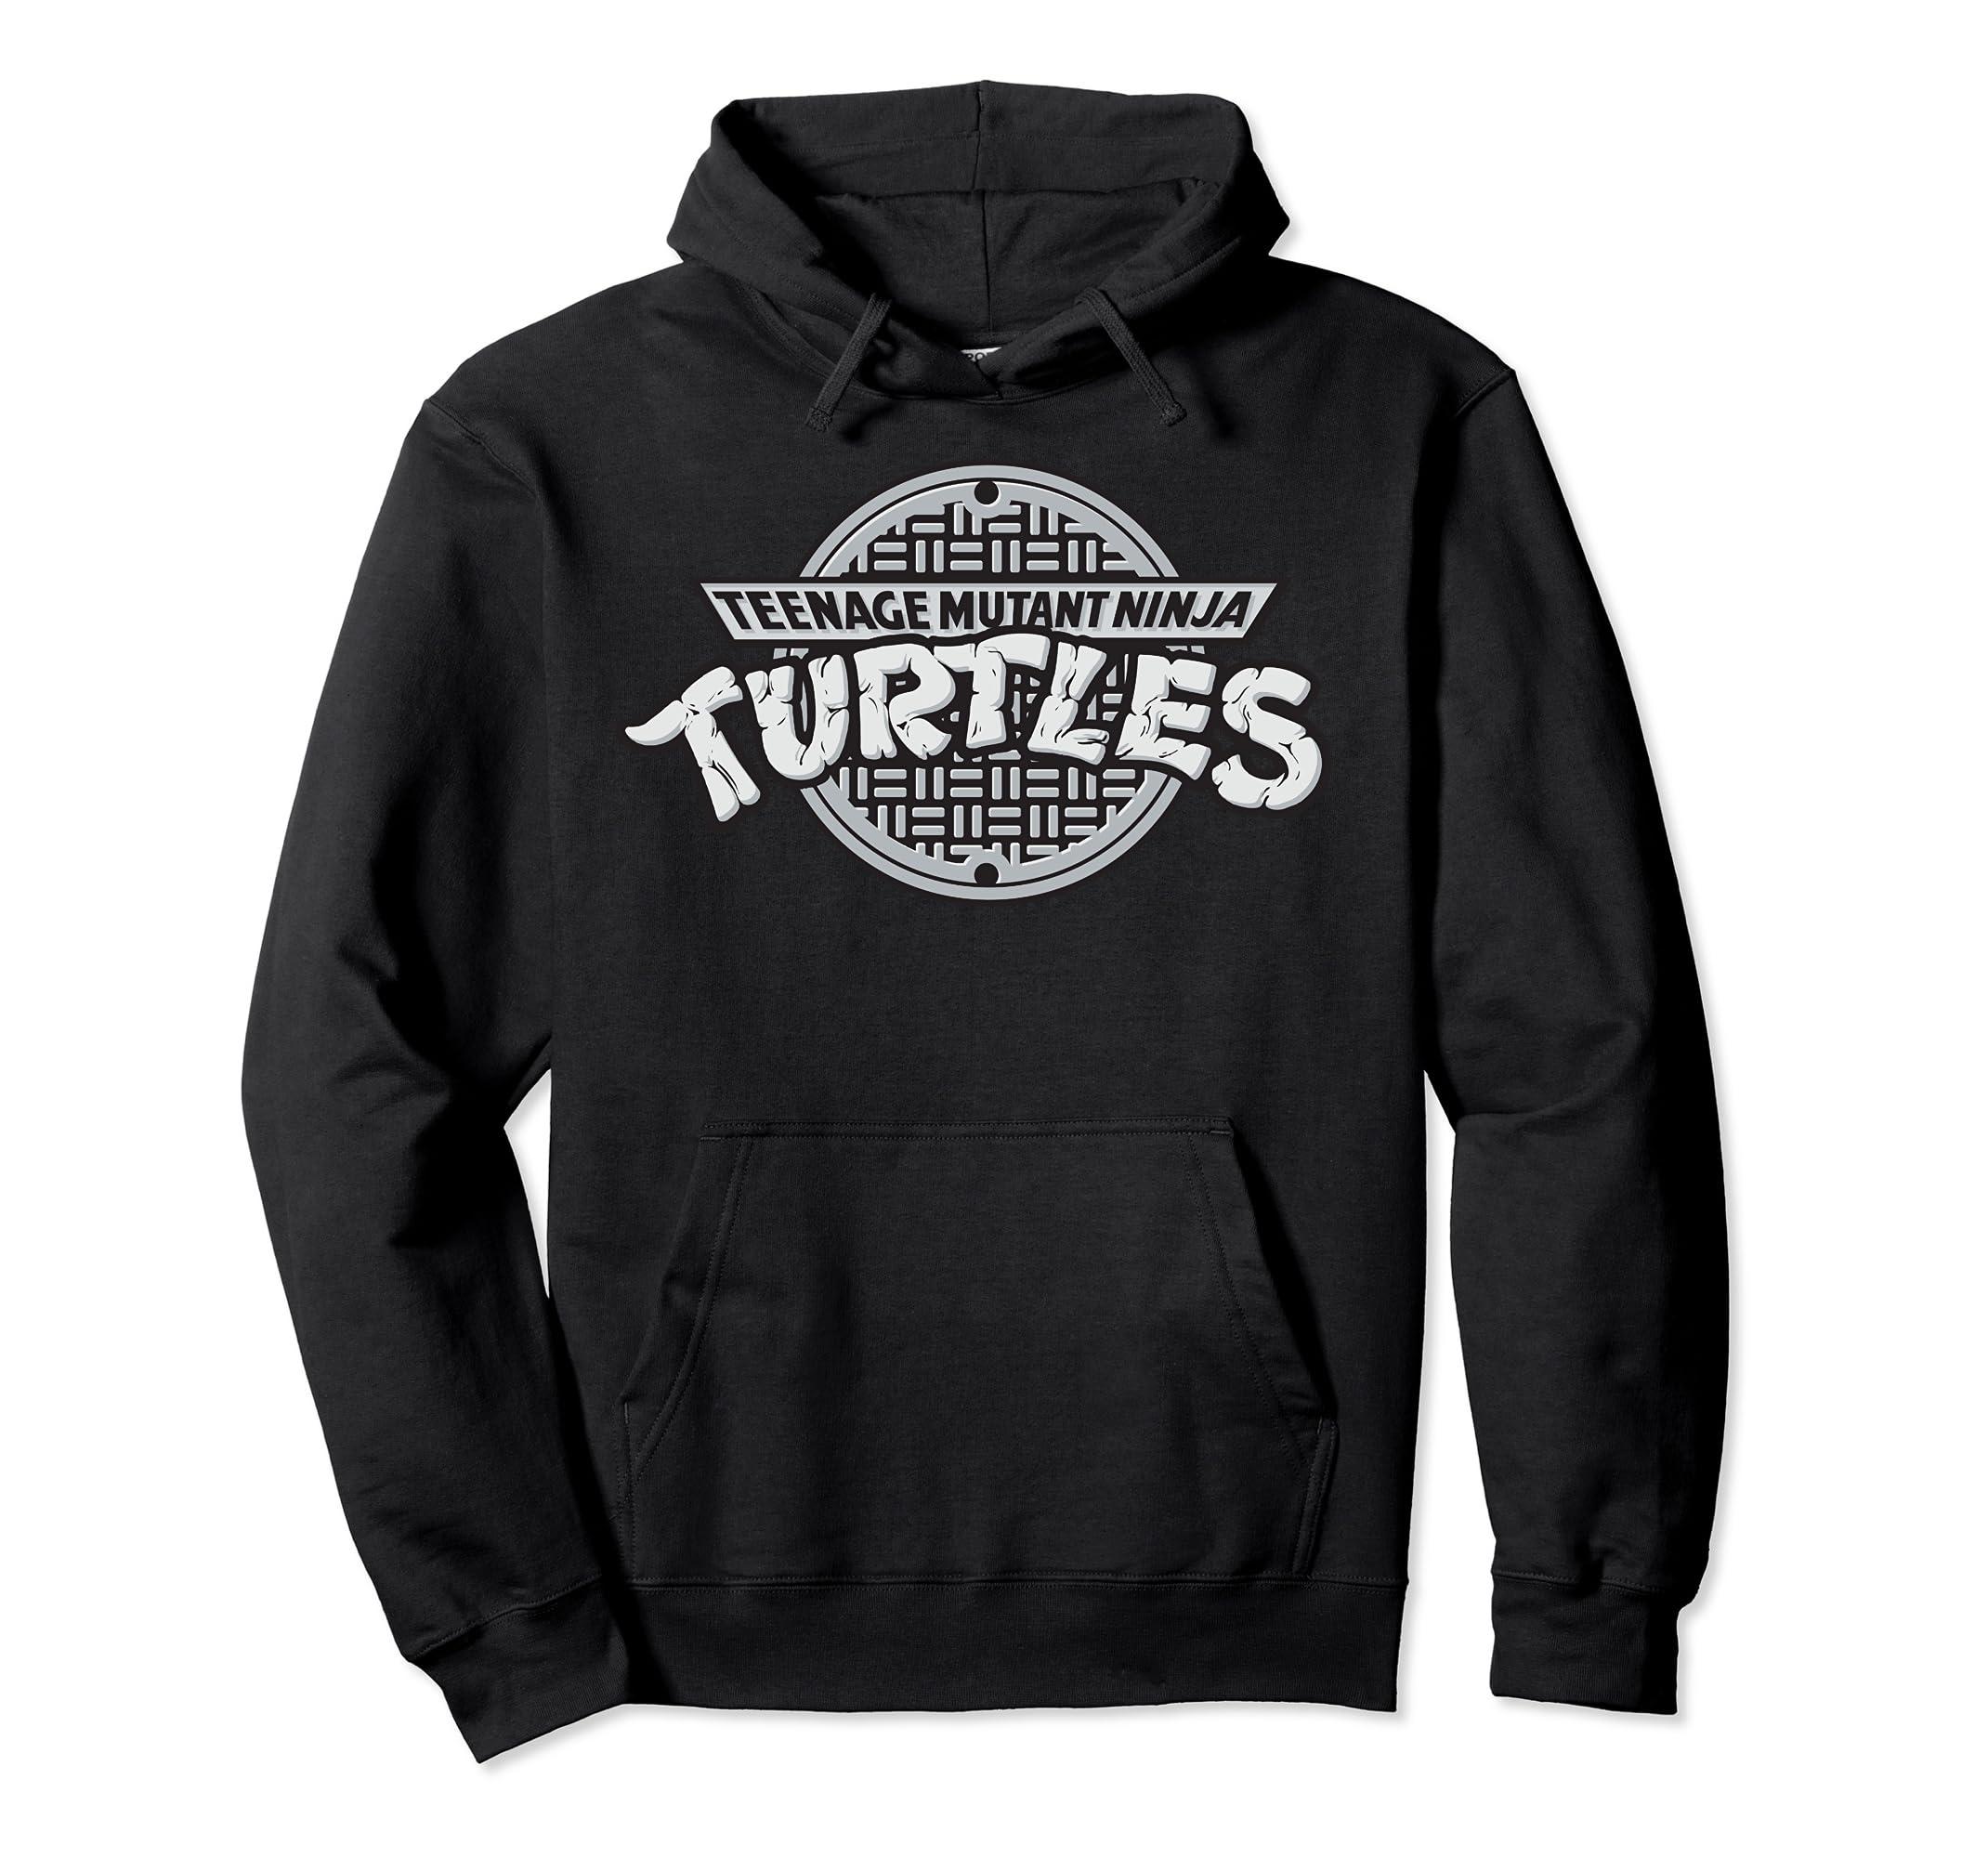 Amazon.com: Teenage Mutant Ninja Turtles TMNT Sewer Logo ...